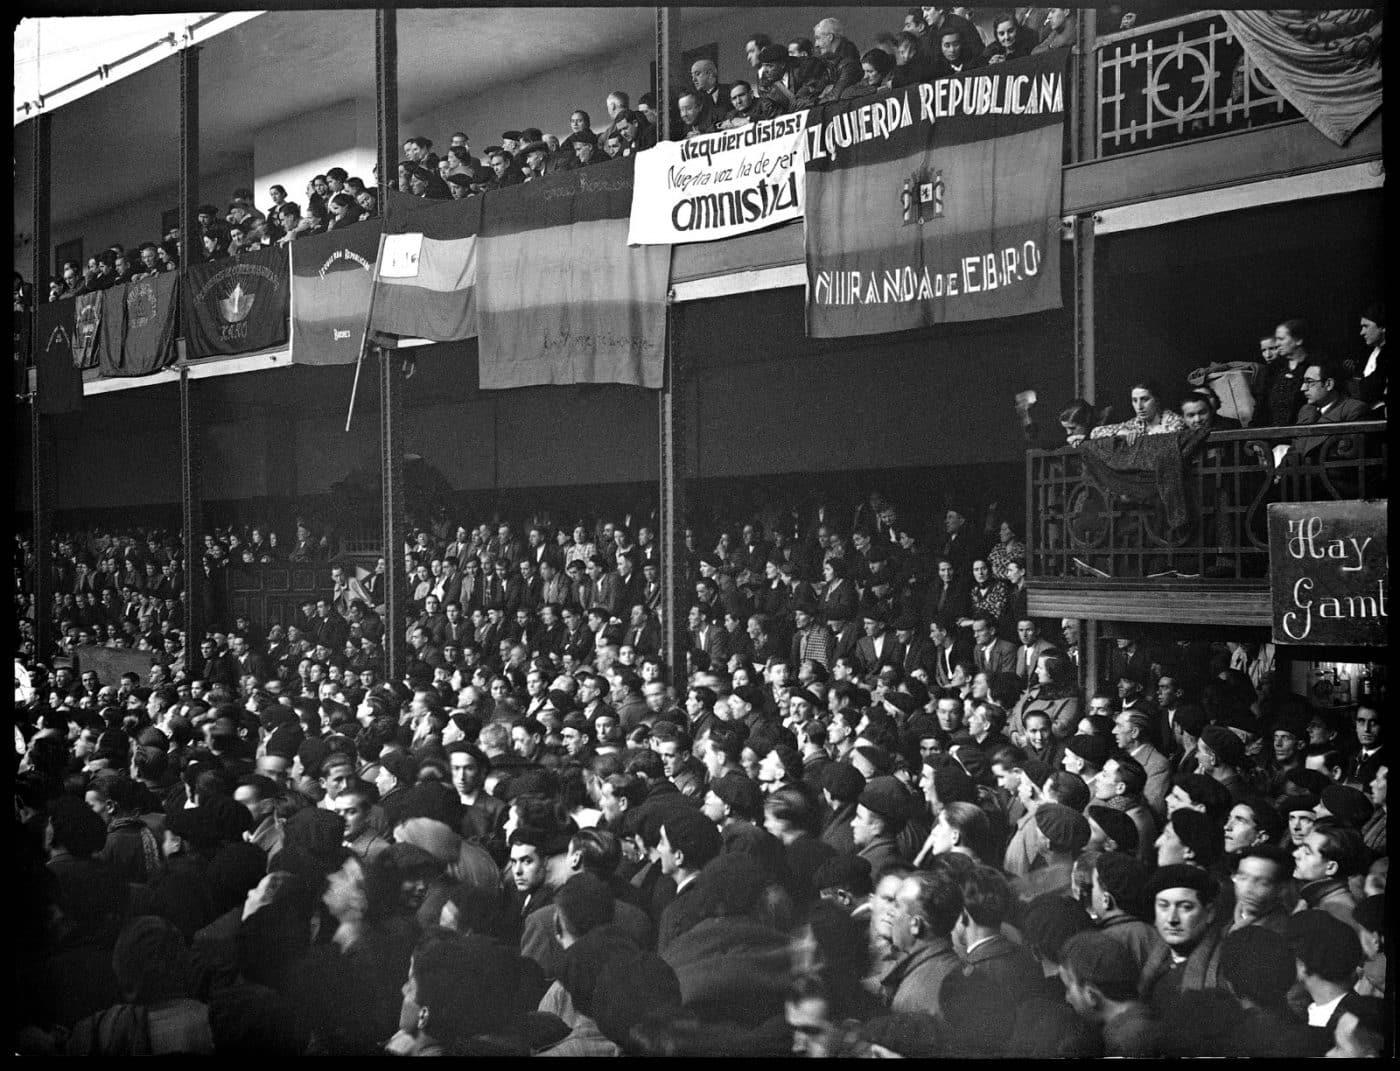 La historia 'olvidada' del campo de concentración de Haro 2